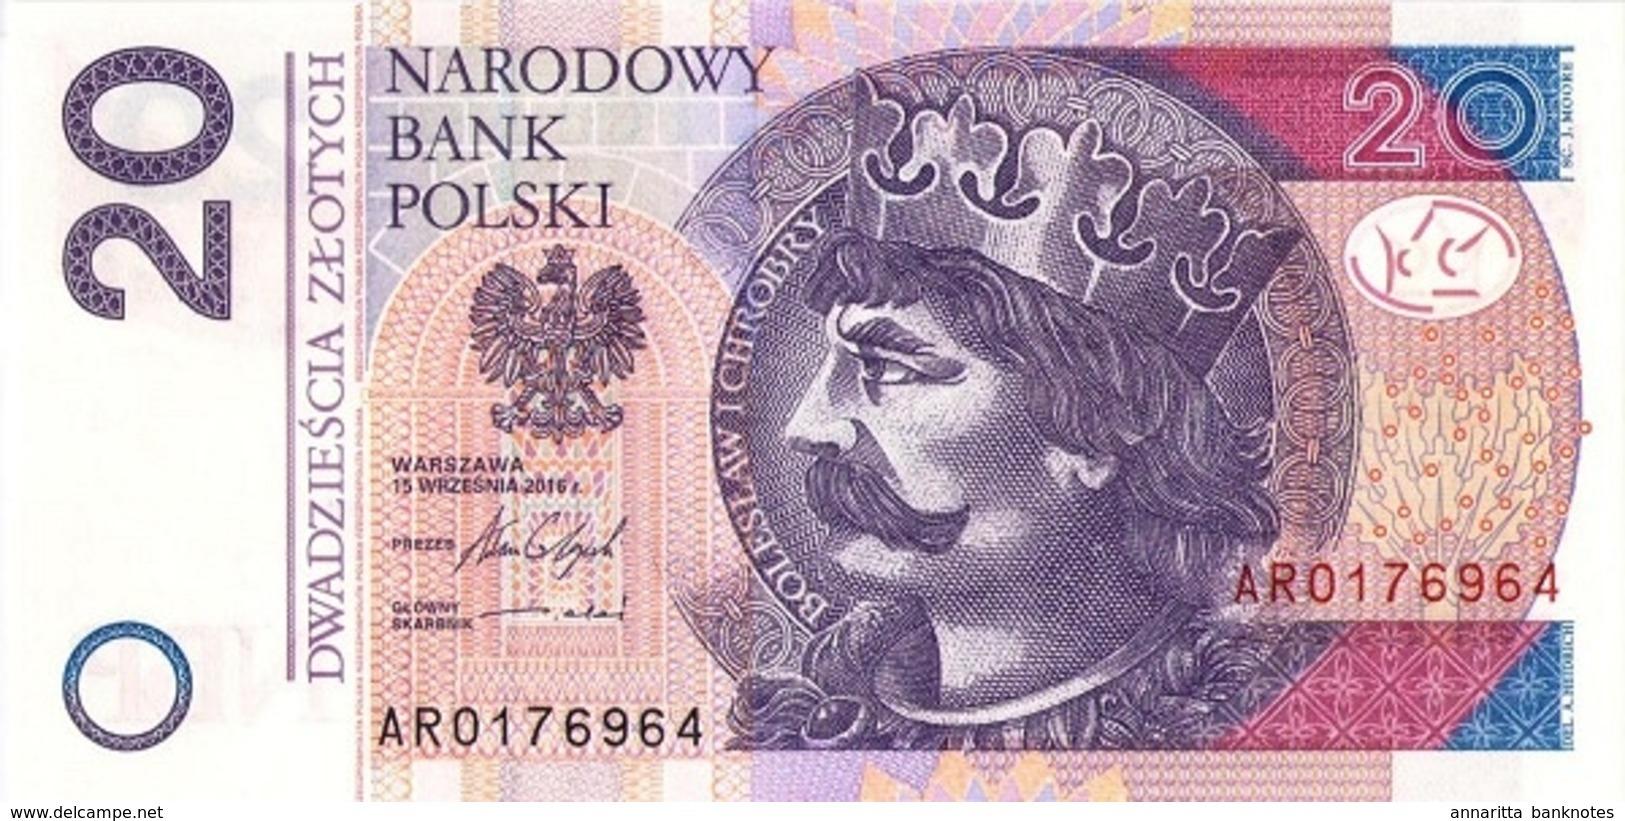 POLAND 20 ZŁOTYCH 2016 (2017) P-184b UNC  [PL860b] - Poland